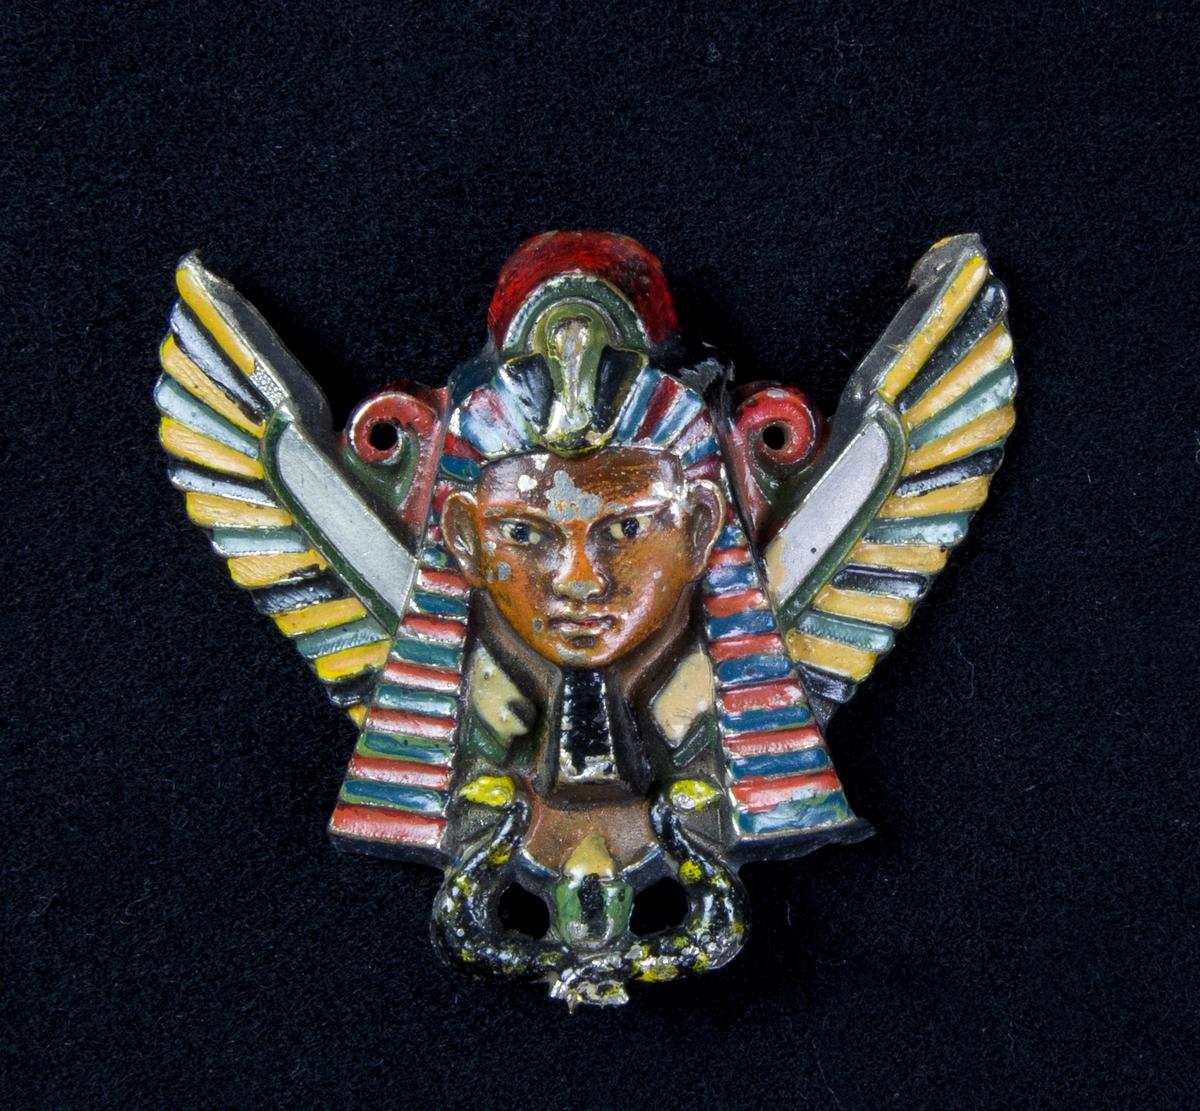 Beslag av vitmetall i egyptisk stil i form av en farao, fågel med utbredda vingar och två ormar i rött, grönt och gult. Två hål att fästa på klädesplagg.